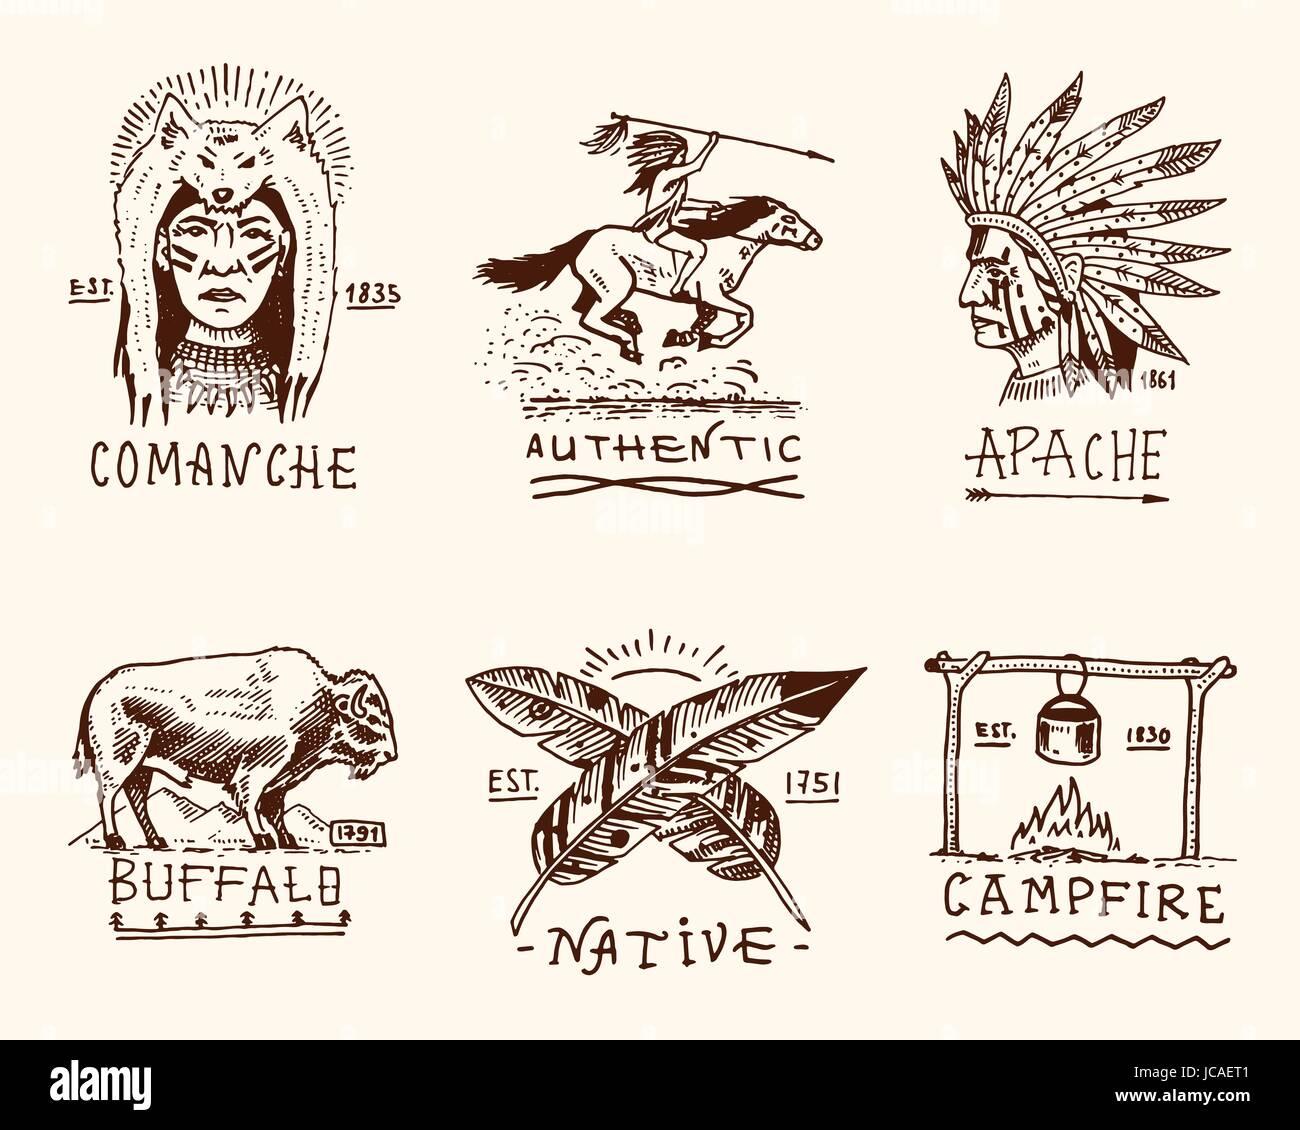 Native American Buffalo Stockfotos & Native American